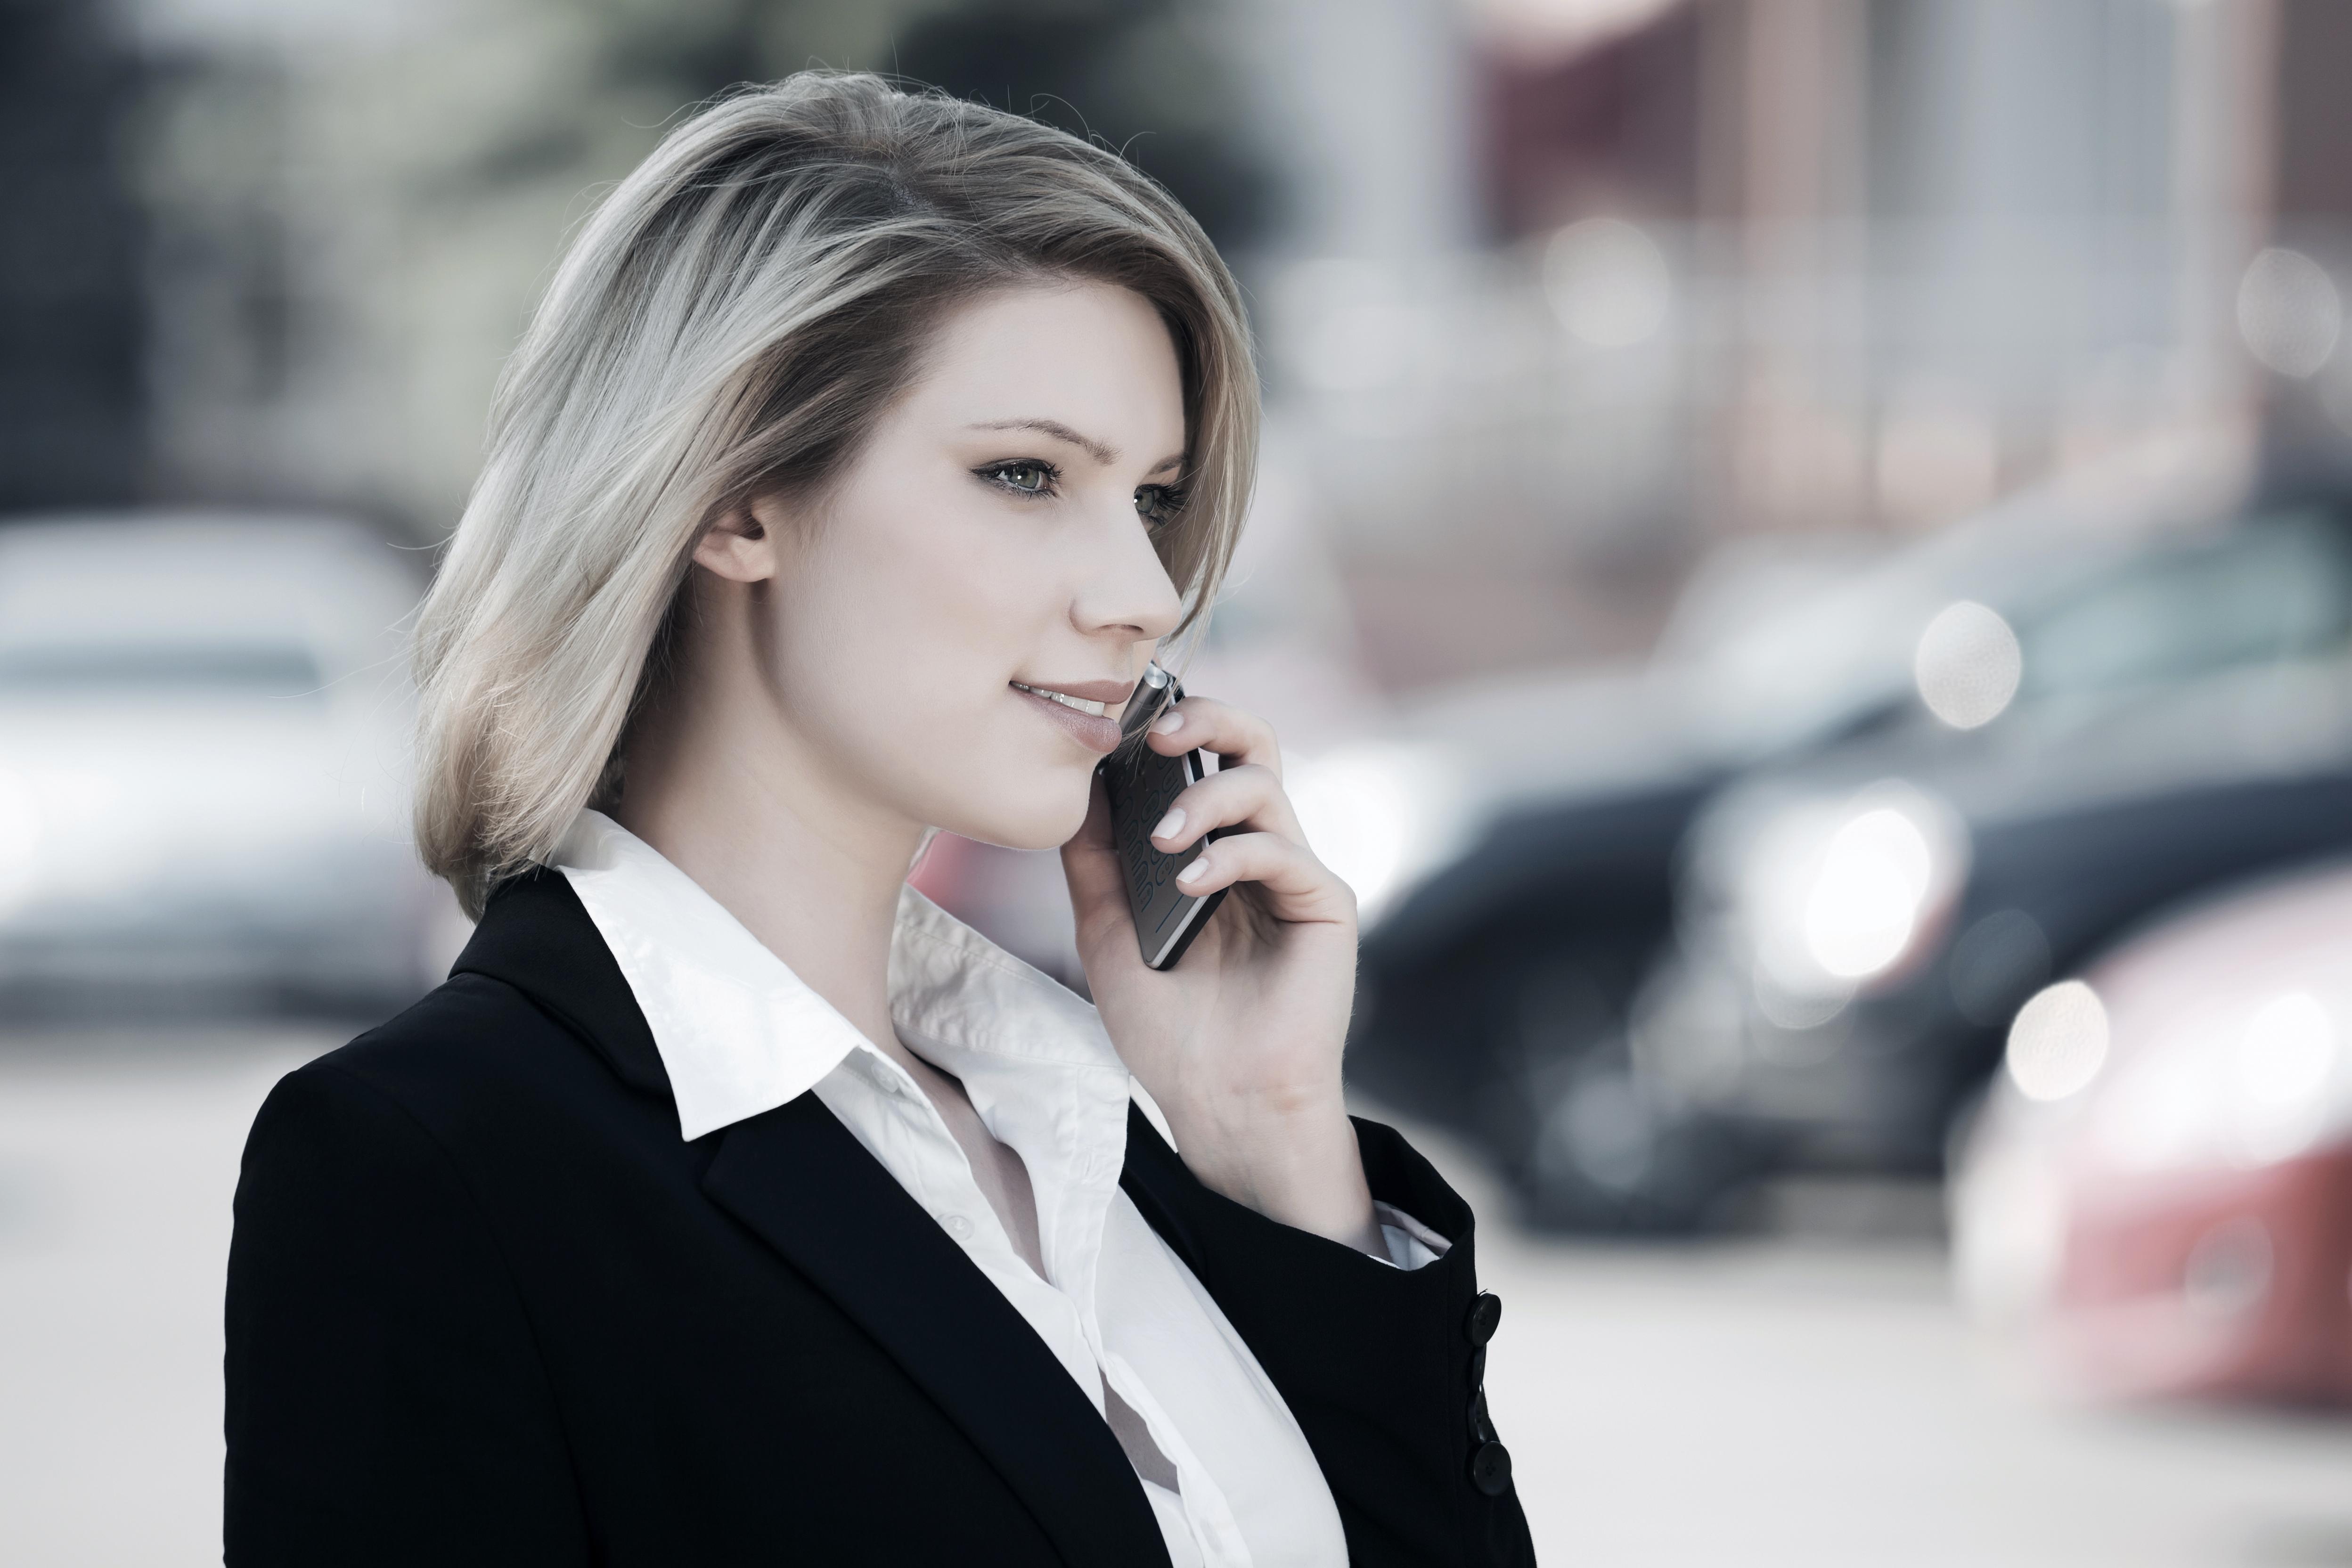 Solo il 10% delle donne italiane che lavora nel settore tech è stato ispirato da un modello femminile